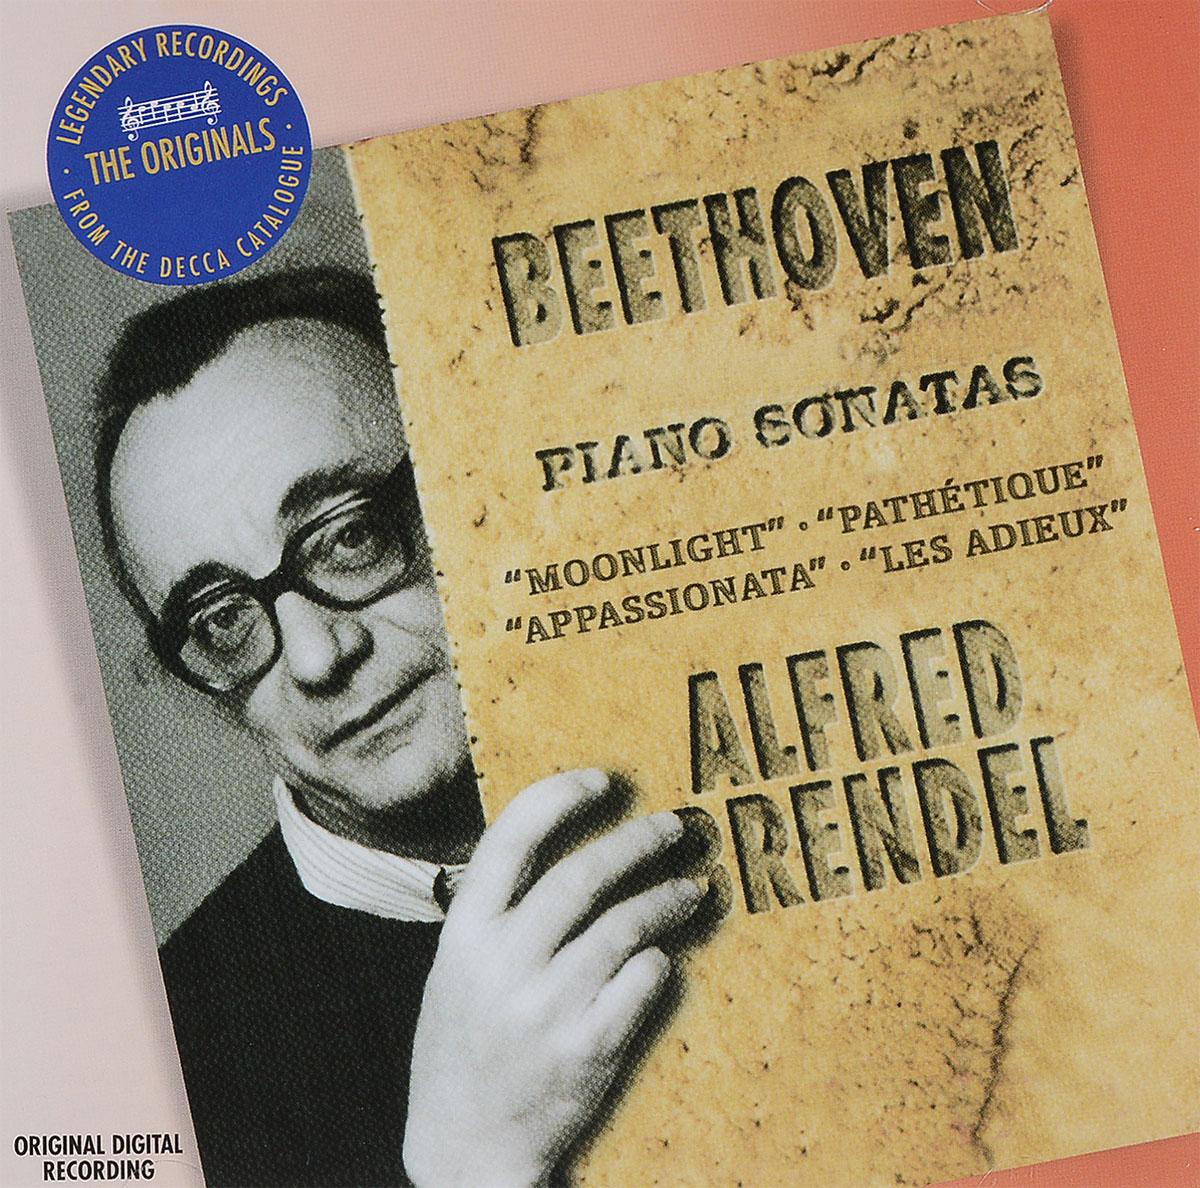 Альфред Брендель Alfred Brendel. Beethoven: Piano Sonatas альфред брендель alfred brendel schubert complete impromptus